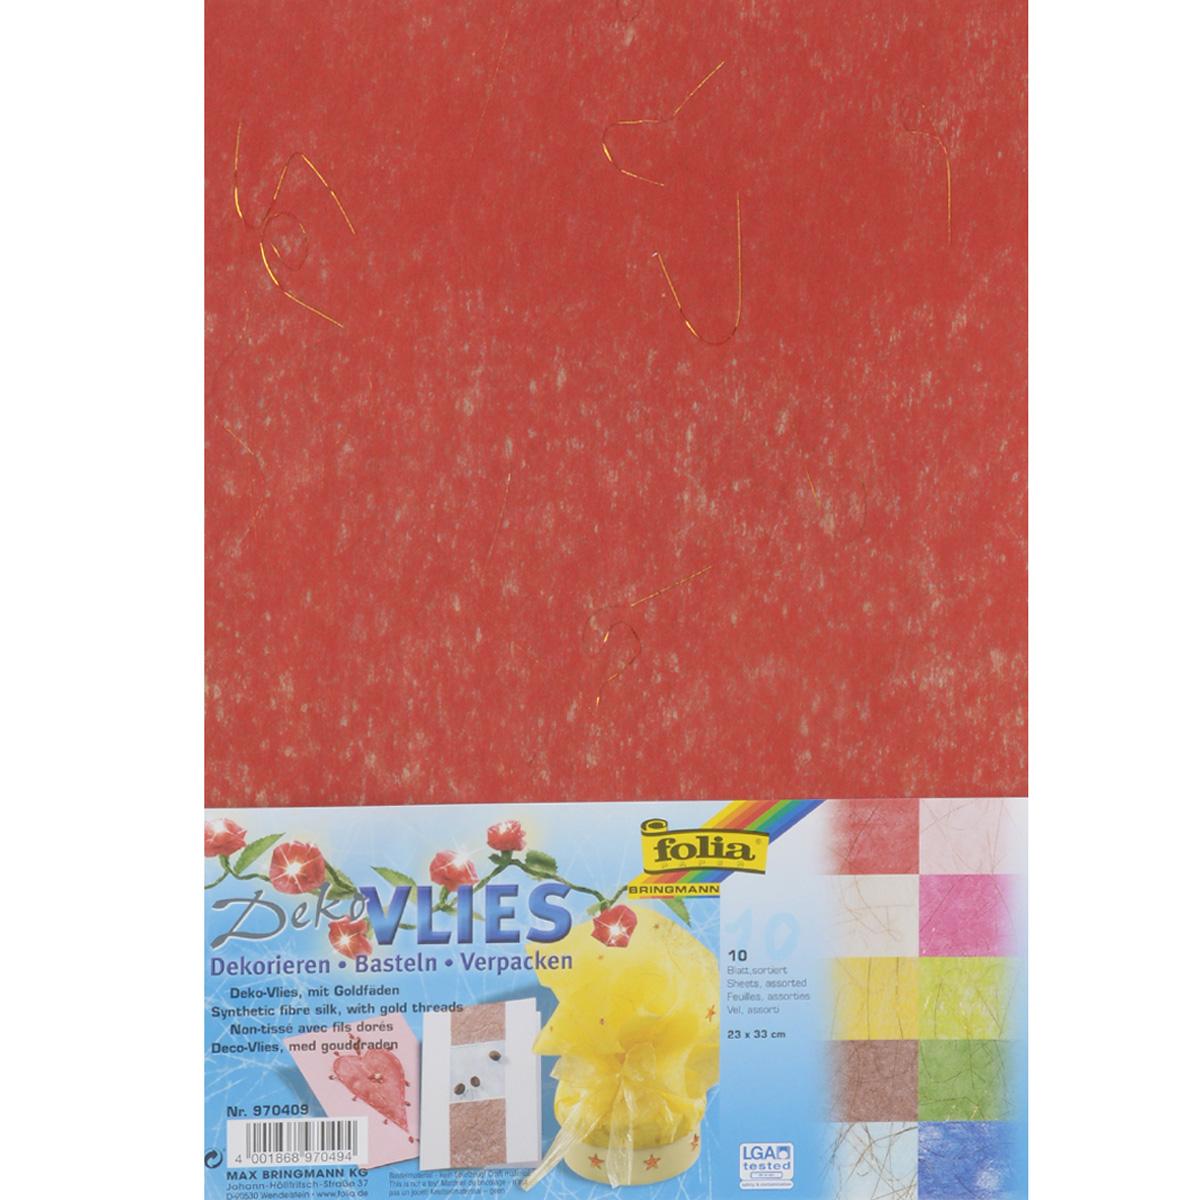 Бумага волокнистая Folia, с золотыми нитями, 23 х 33 см, 10 листов7708158Волокнистая дизайнерская бумага Folia с золотыми нитями идеальна для изготовления оригинальных визиток, папок, календарей, презентационной продукции. Также бумага прекрасно подойдет для оформления творческих работ в технике скрапбукинг. Ее можно использовать для украшения фотоальбомов, скрап-страничек, подарков, конвертов, фоторамок, открыток и многого другого. В наборе - 10 листов разных цветов. Скрапбукинг - это хобби, которое способно приносить массу приятных эмоций не только человеку, который этим занимается, но и его близким, друзьям, родным. Это невероятно увлекательное занятие, которое поможет вам сохранить наиболее памятные и яркие моменты вашей жизни, а также интересно оформить интерьер дома.Размер листа: 23 см х 33 см.